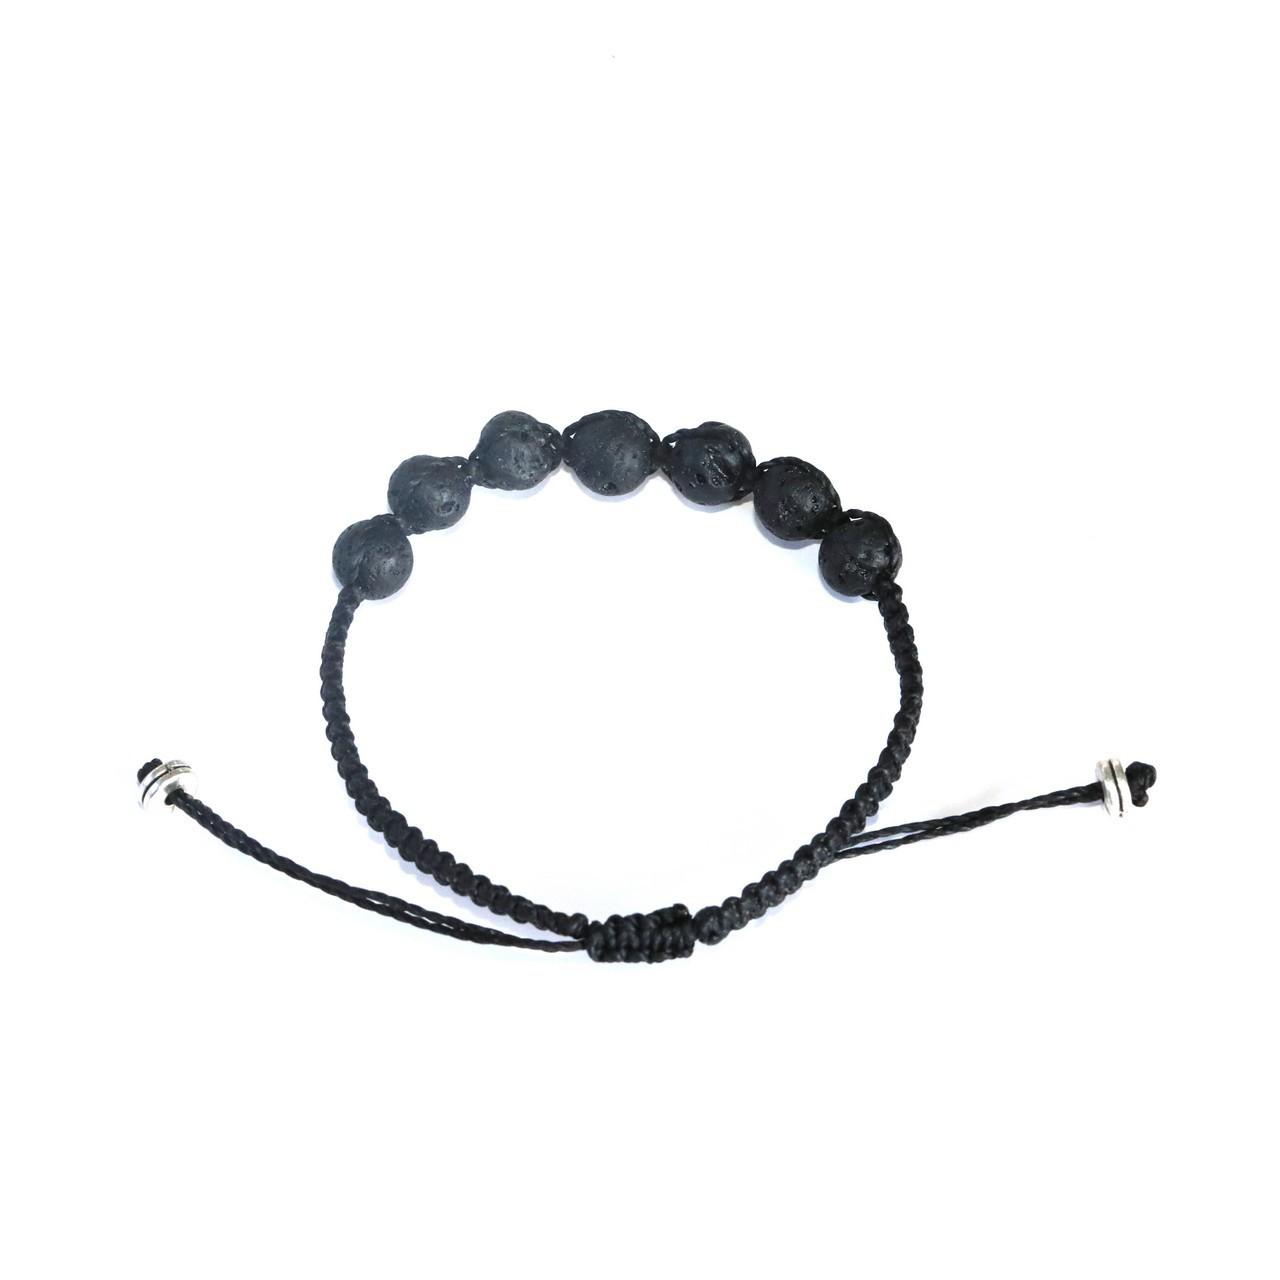 GOAT Staple Diffuser Bracelet